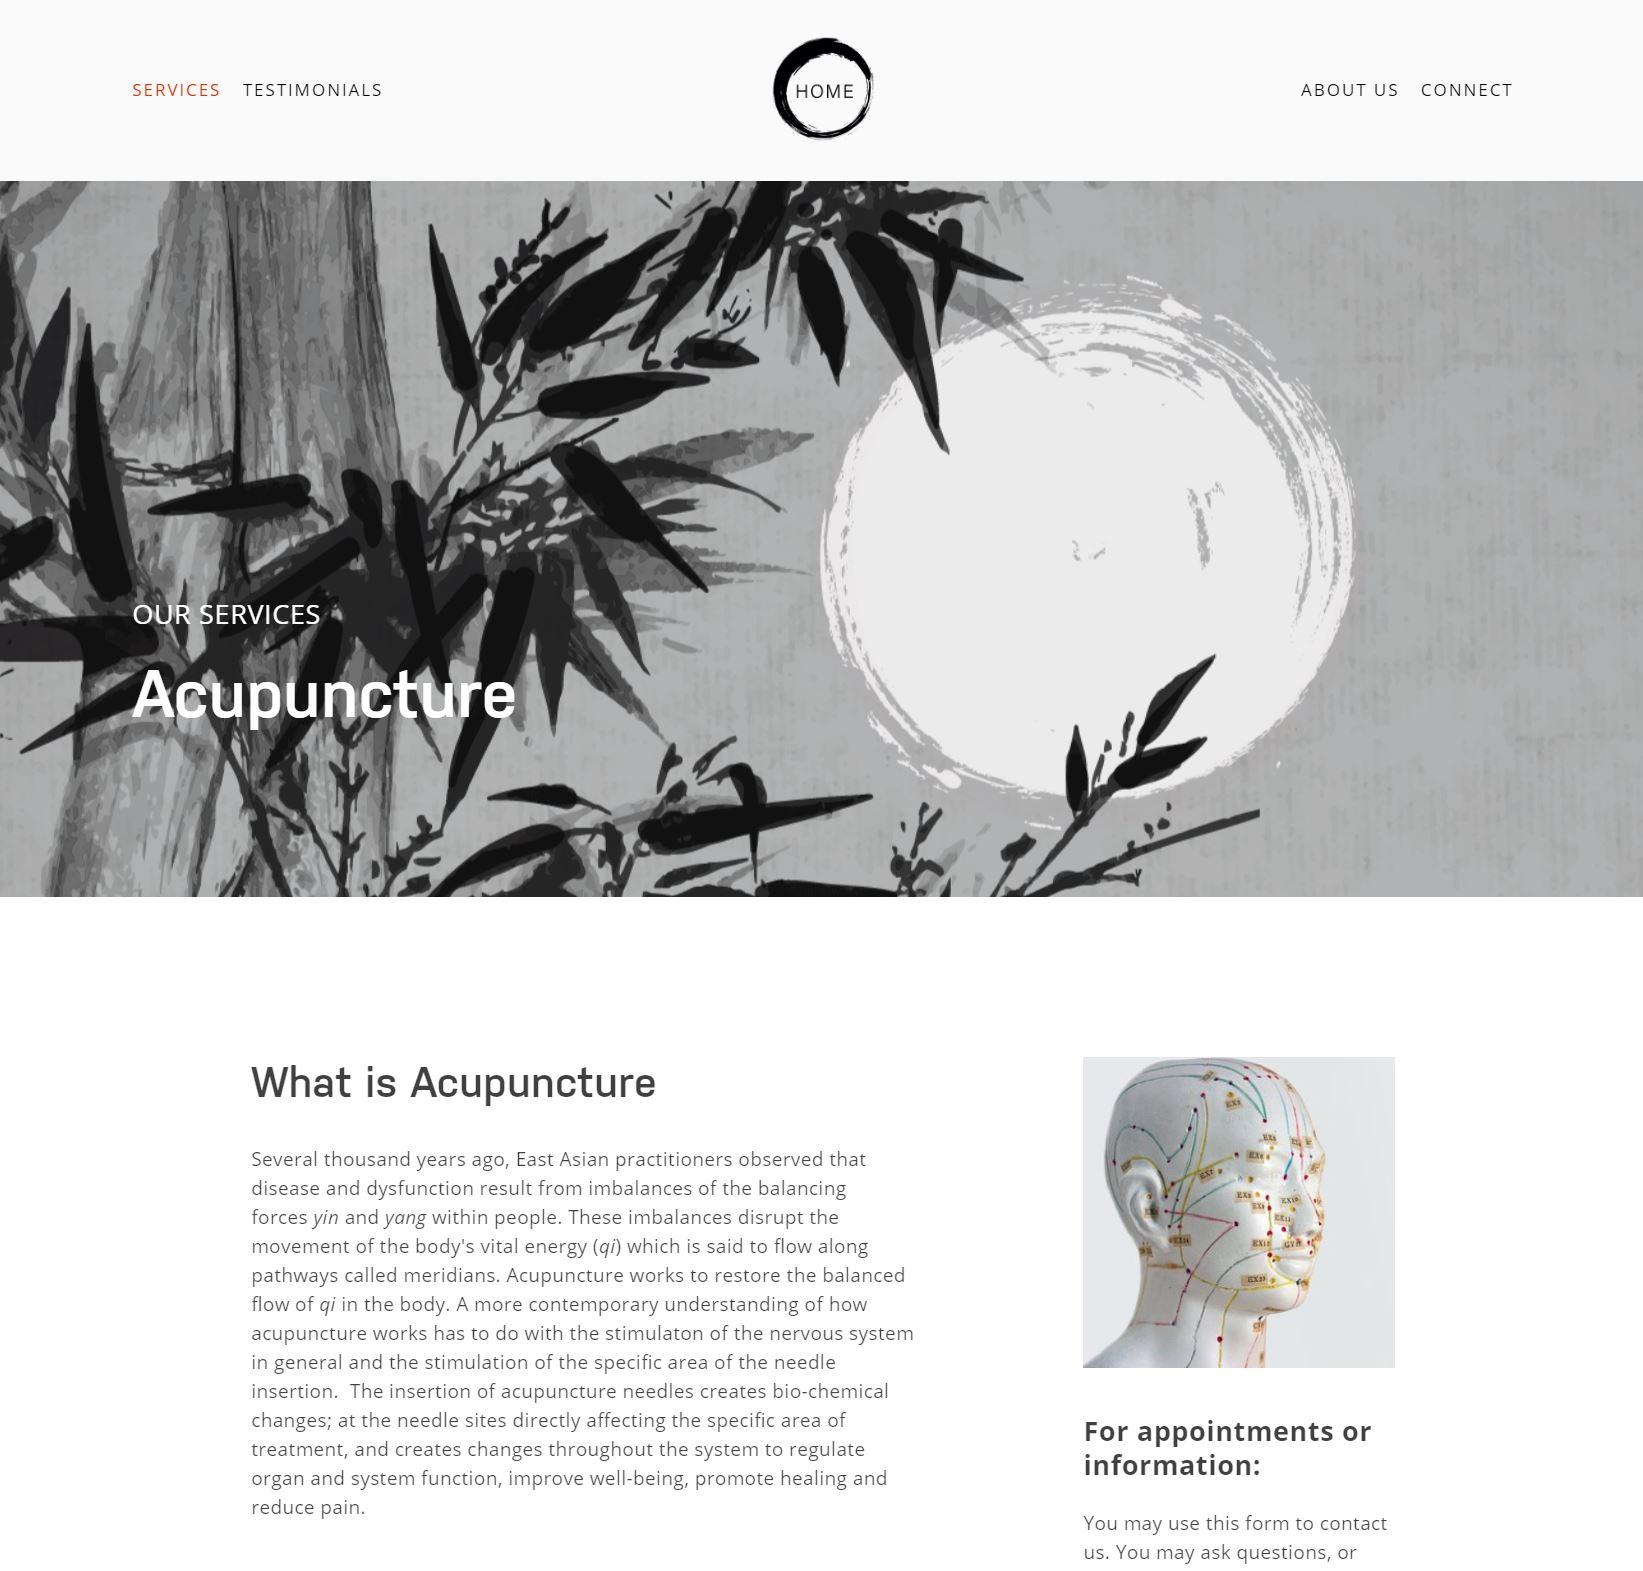 newpaltz-acupuncture-website3.JPG